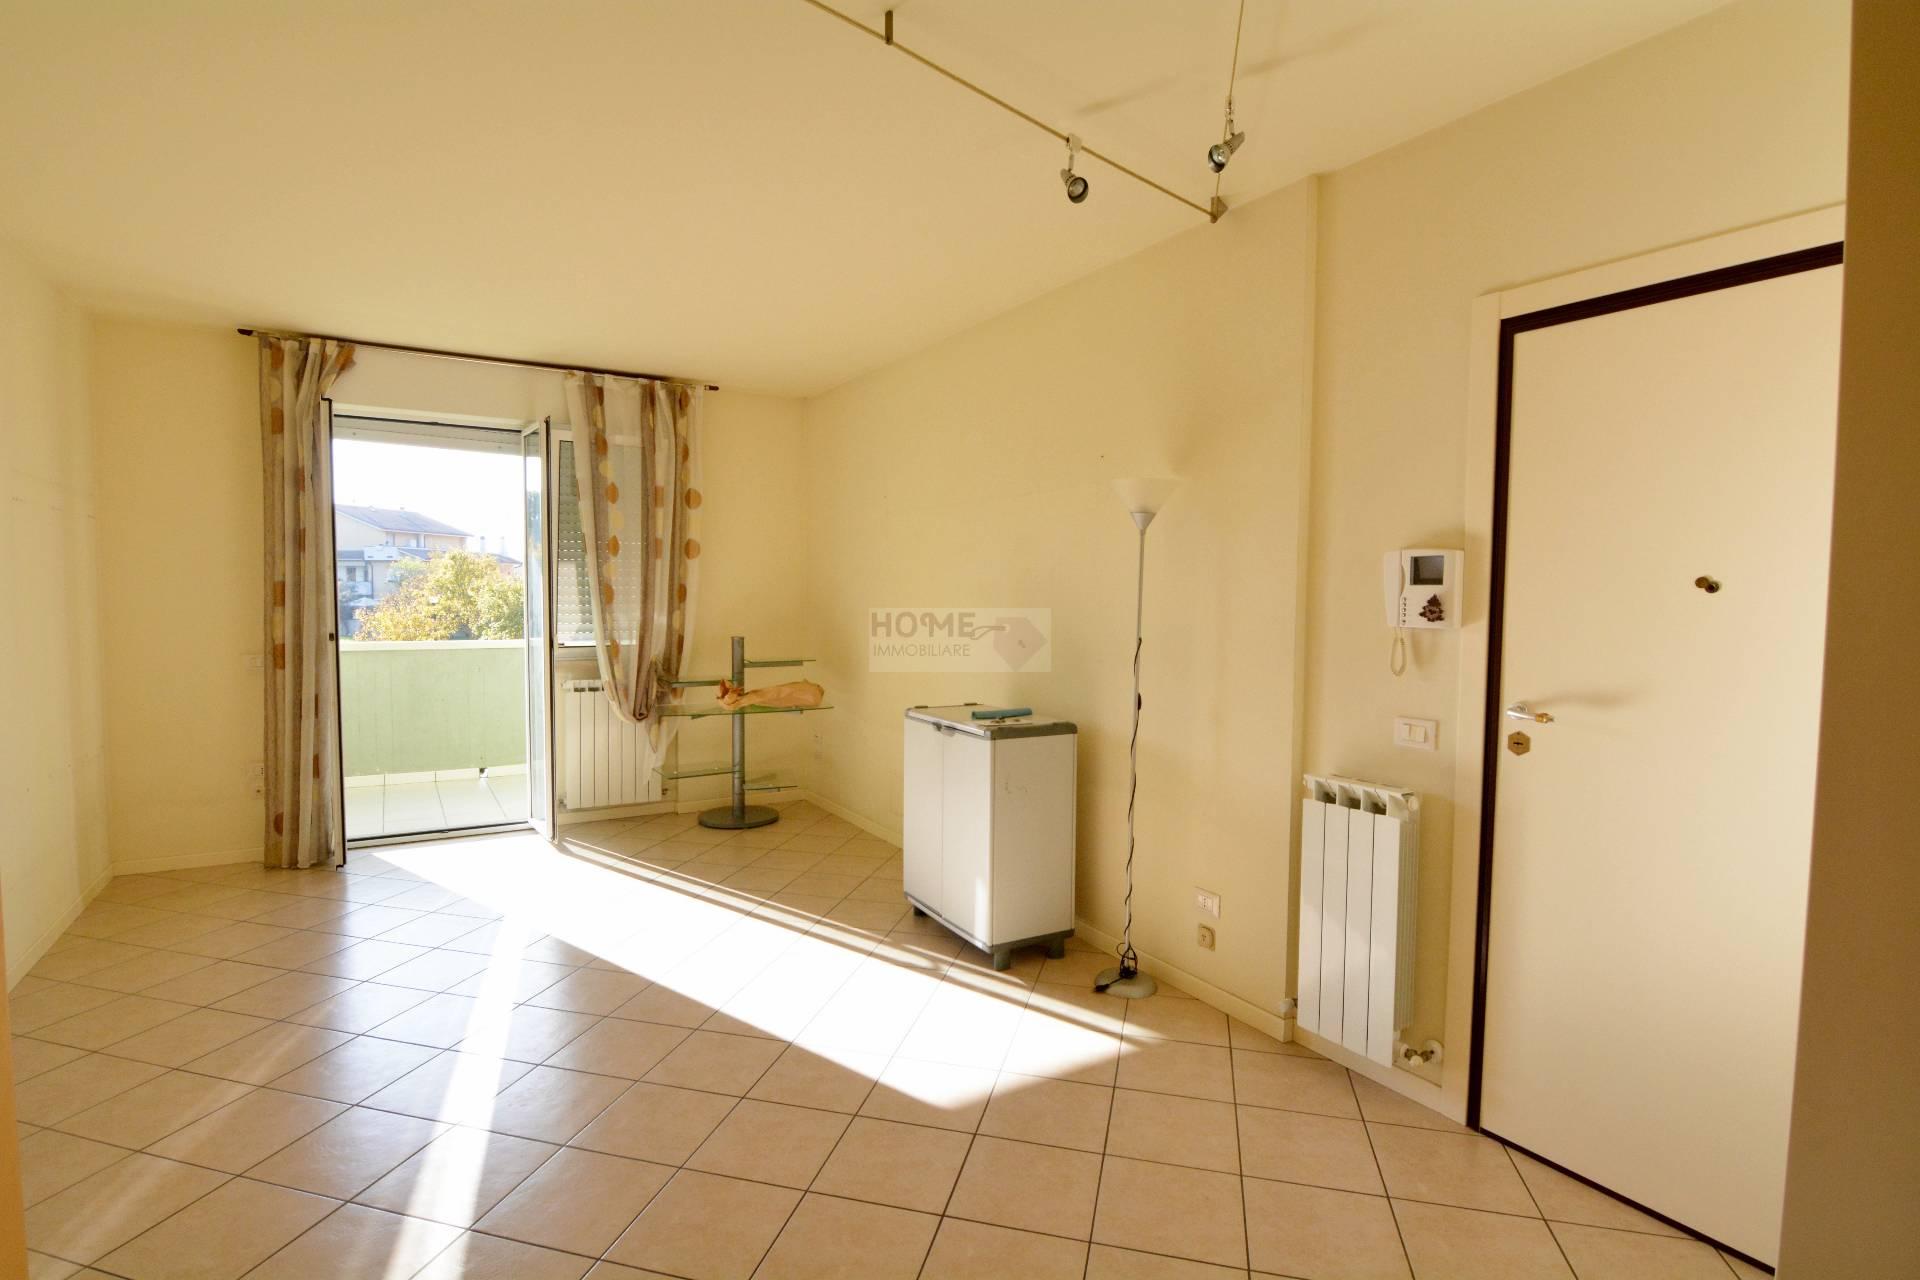 Appartamento in vendita a Macerata, 4 locali, zona Località: Piediripa, prezzo € 120.000 | Cambio Casa.it